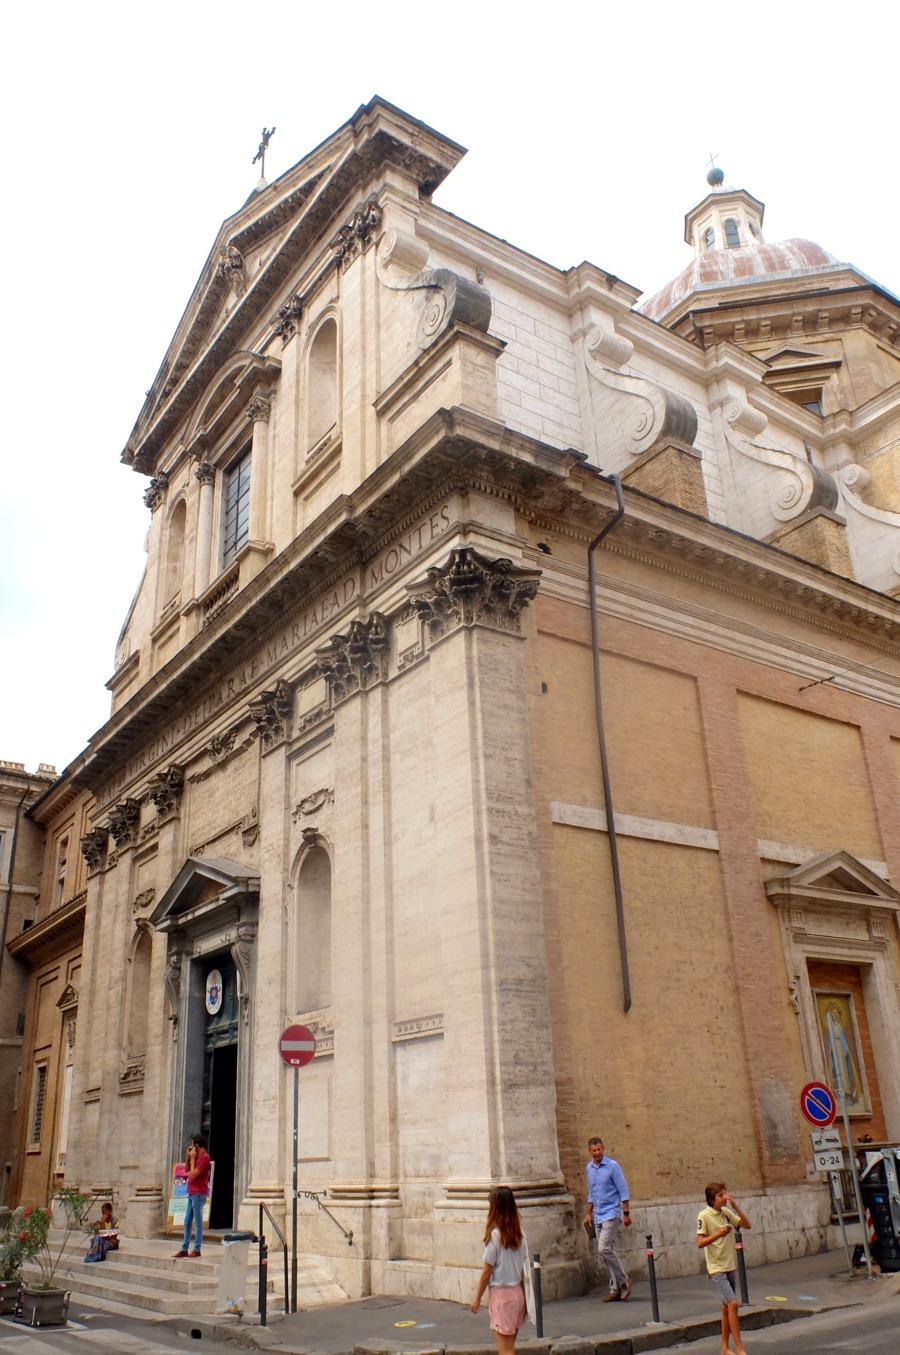 Church of Santa Maria ai Monti